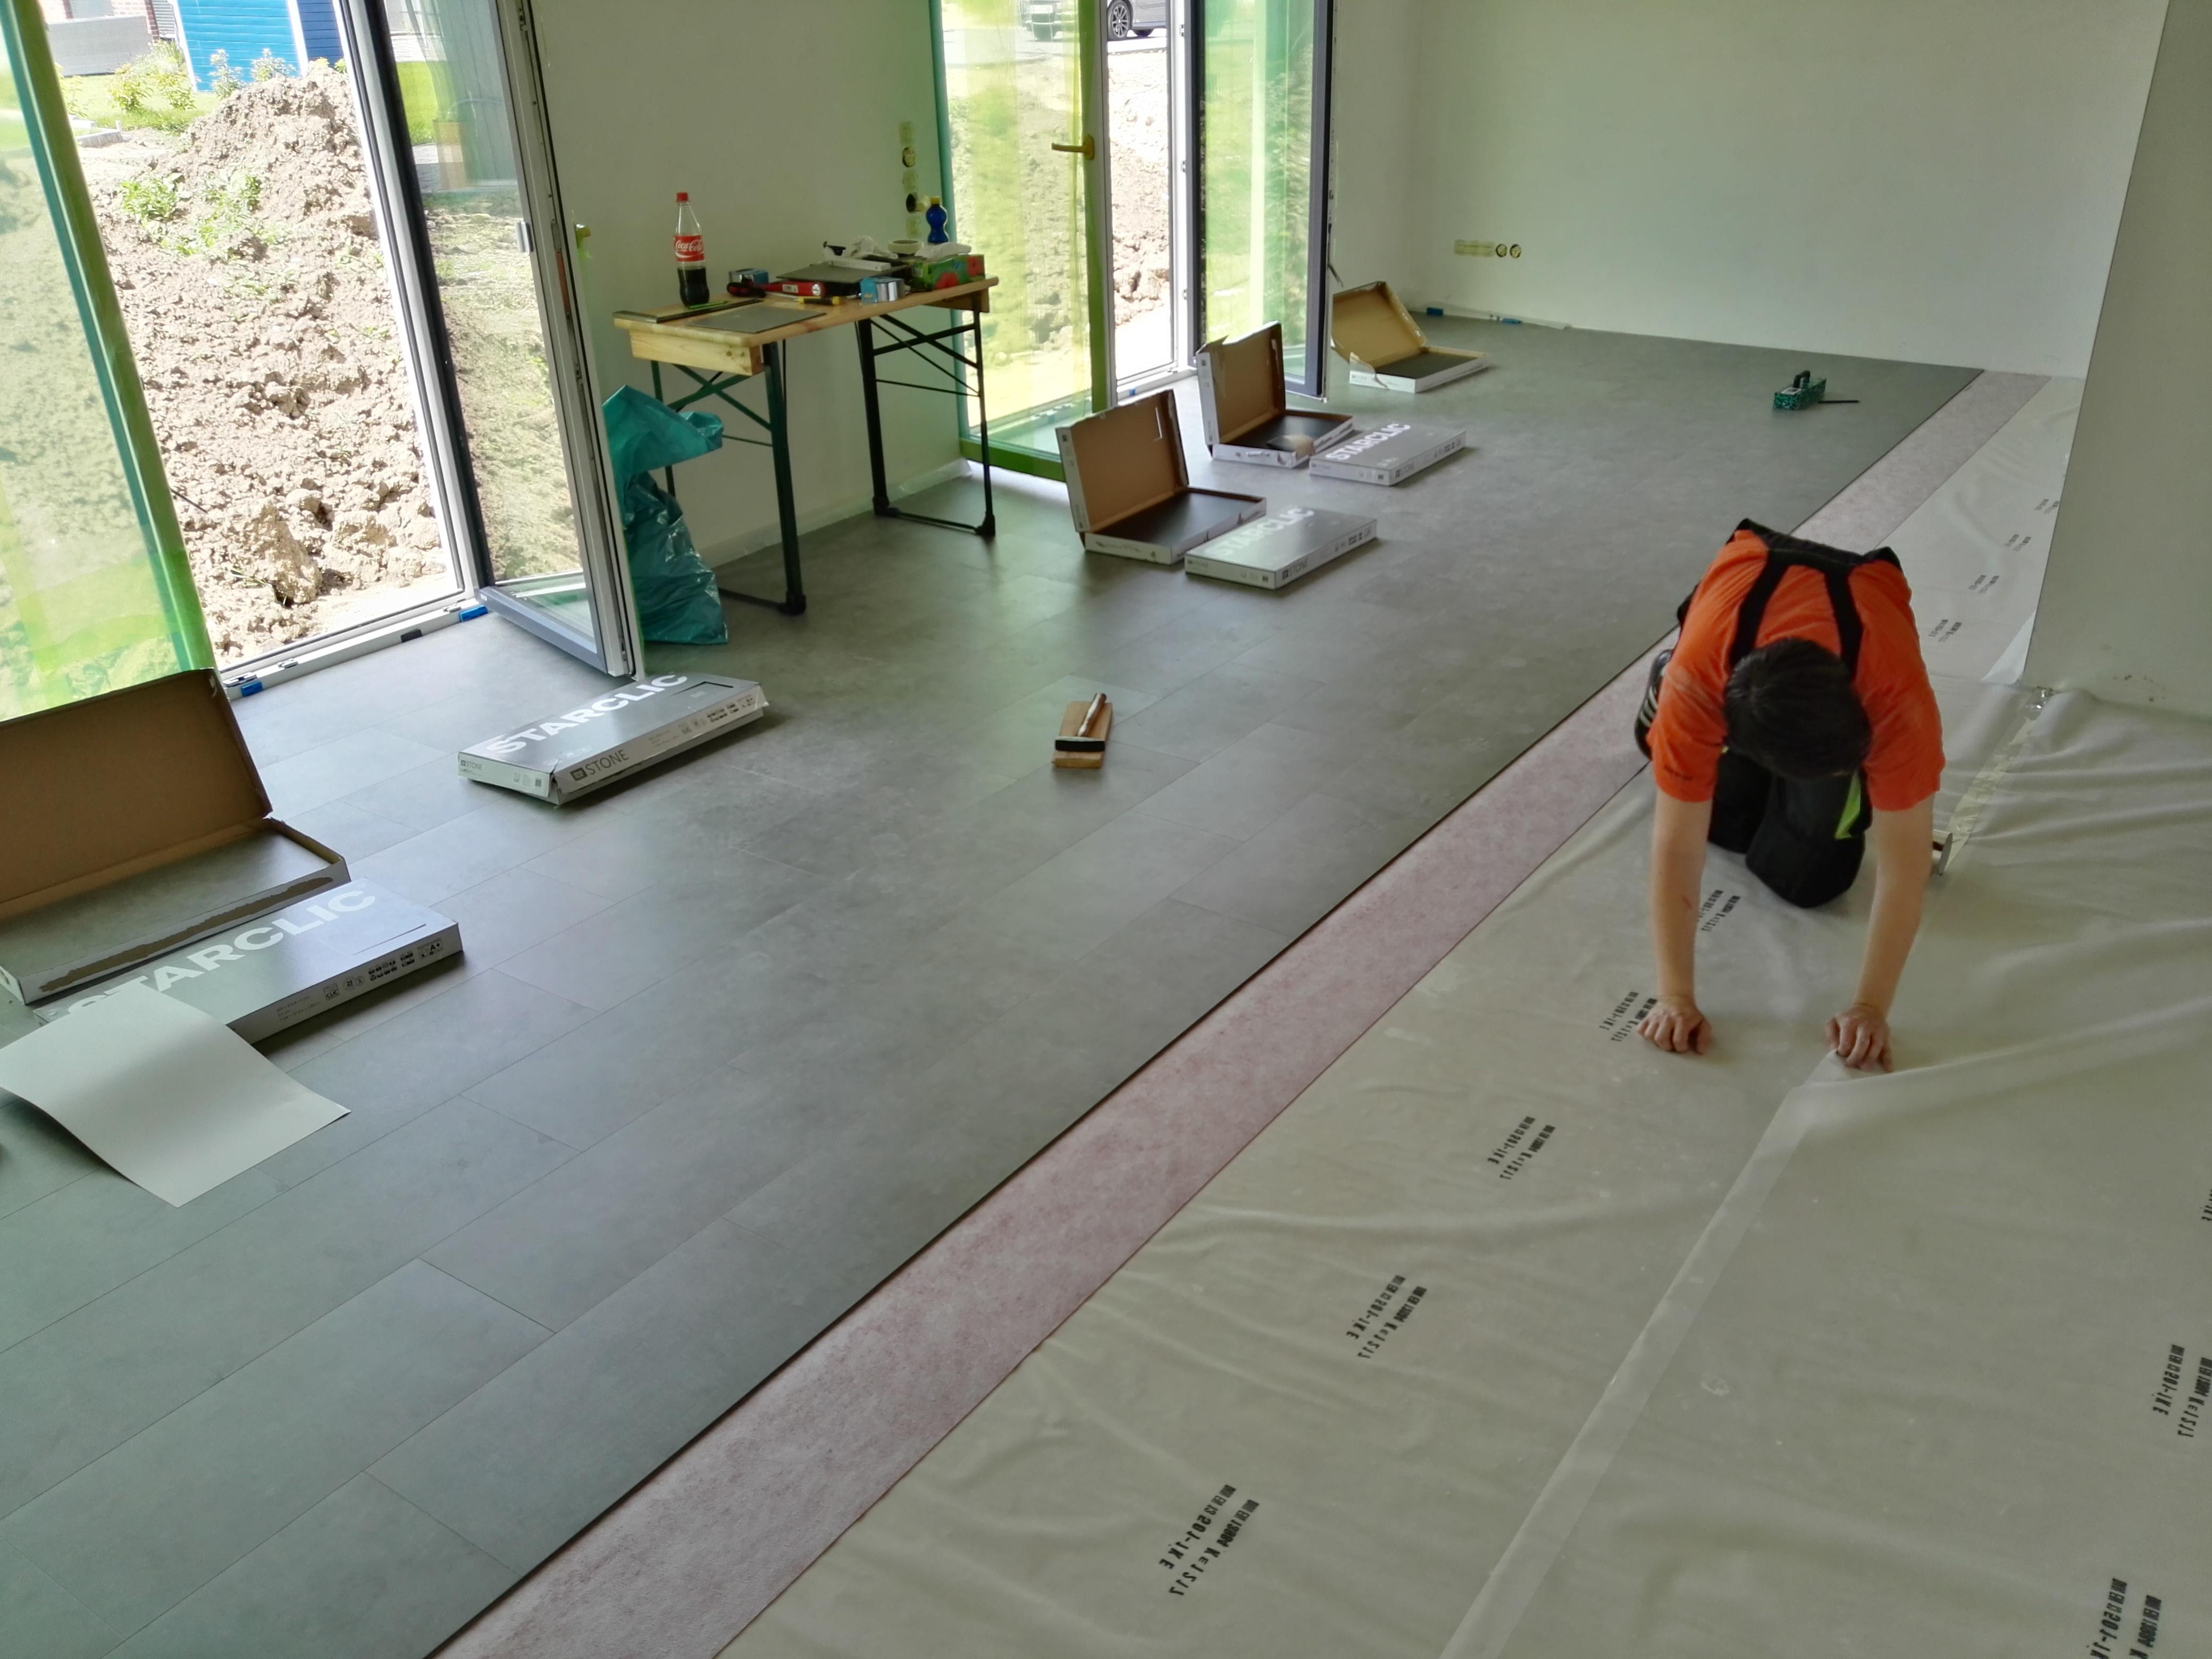 bodenbel ge nurda efh in algermissen. Black Bedroom Furniture Sets. Home Design Ideas